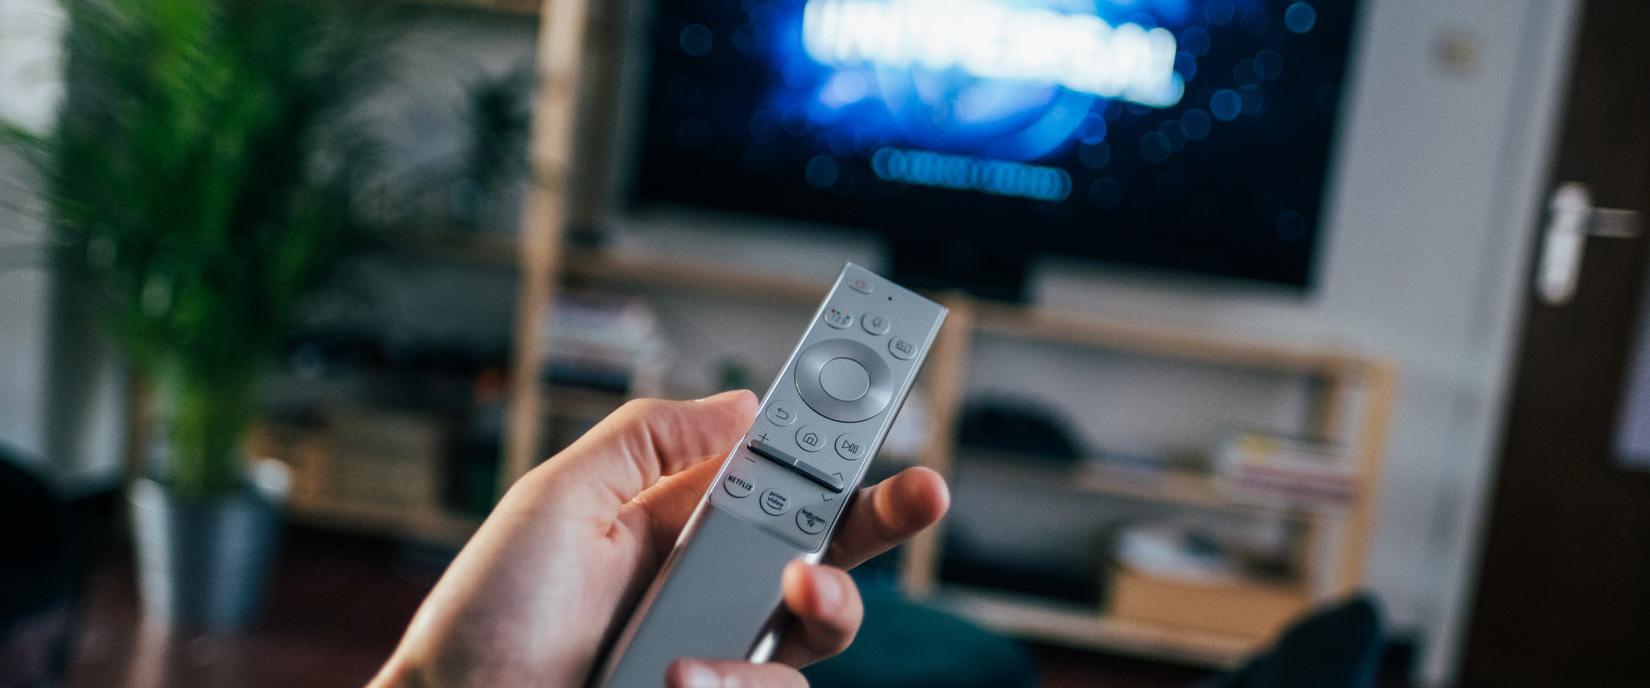 Programación Orange TV: canales, contenidos y tarifas